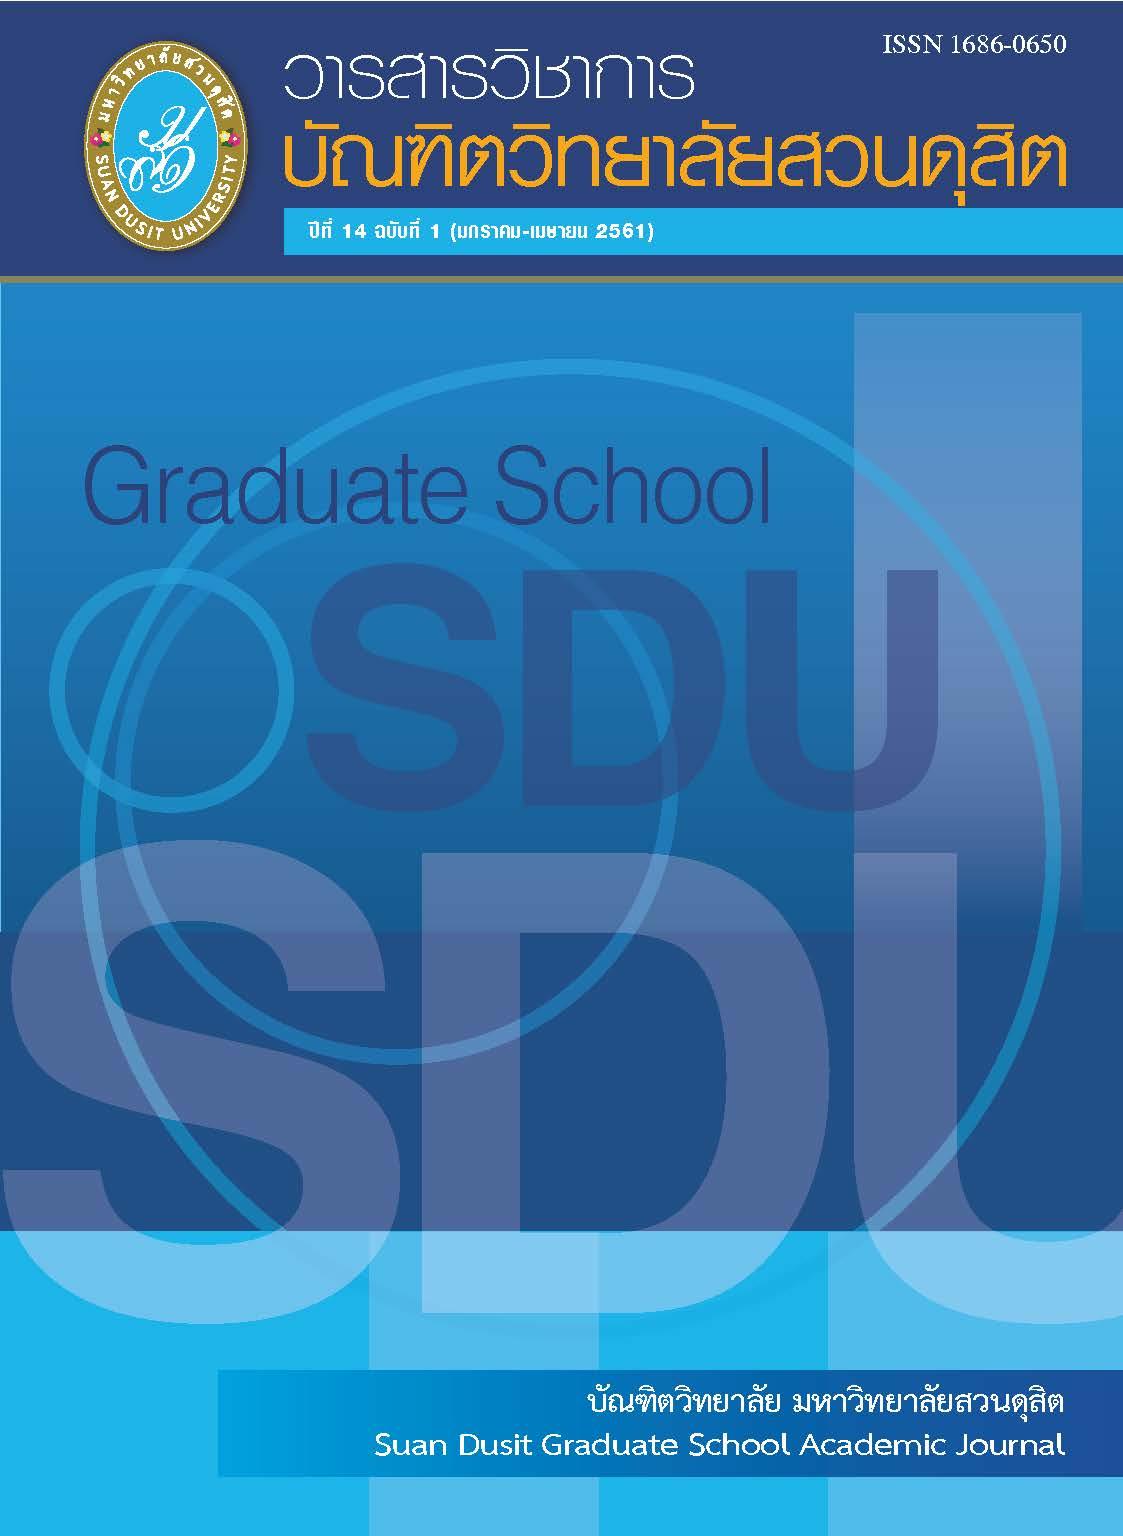 ปกวารสารวิชาการ บัณฑิตวิทยาลัย สวนดุสิต ปีที่ 14 ฉบับที่ 1 2561